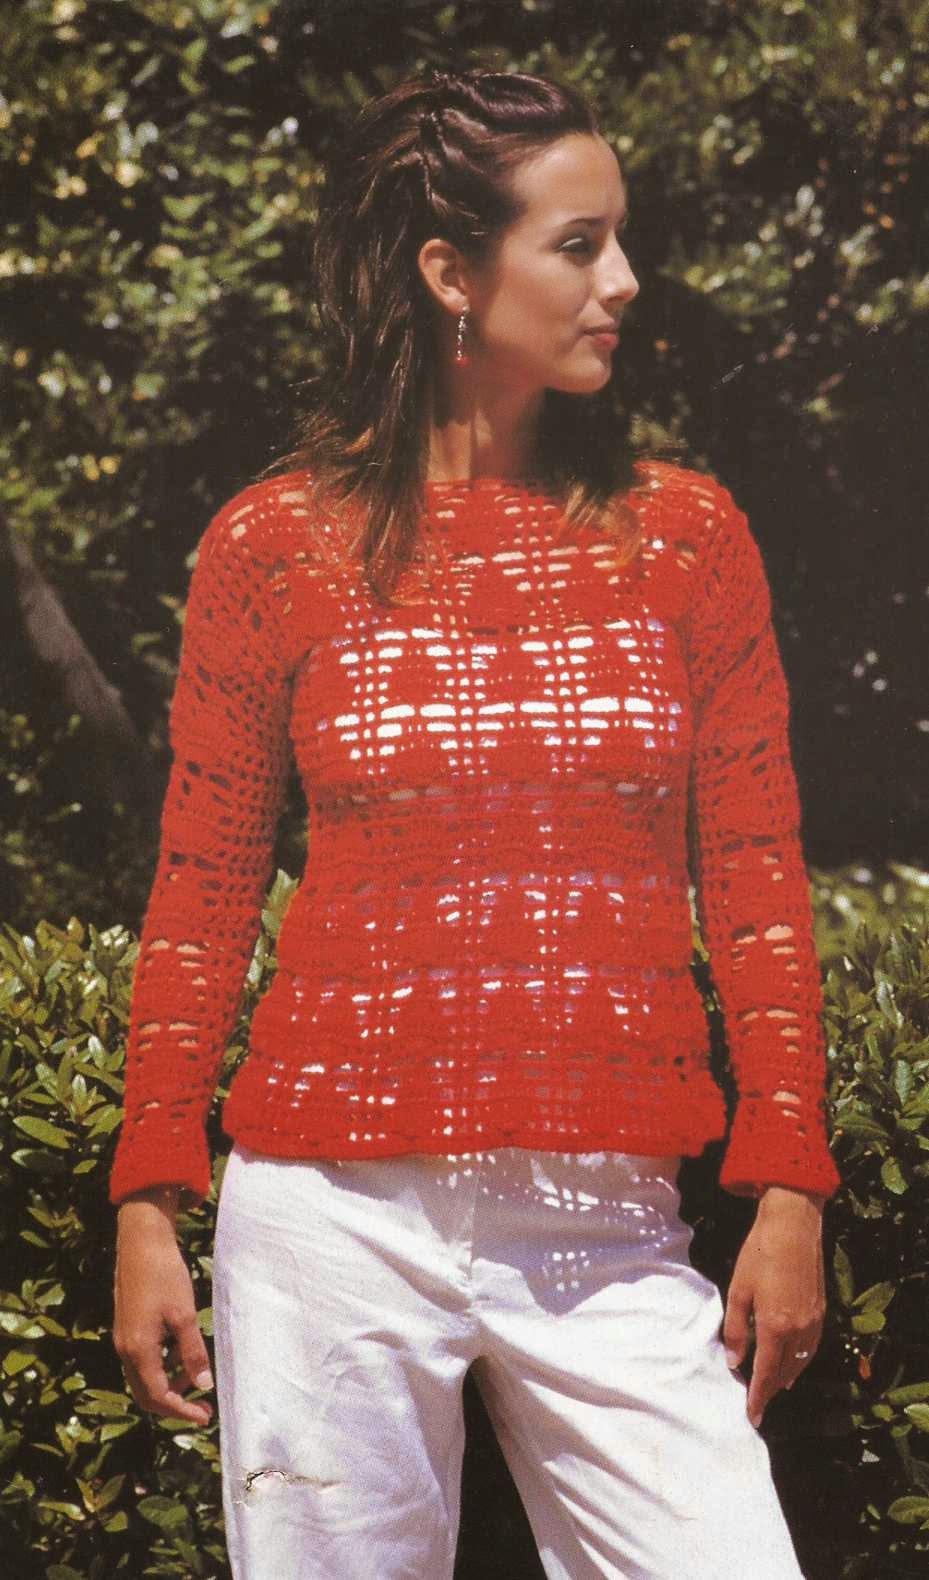 #4 Jersey o Blusa Roja a Crochet